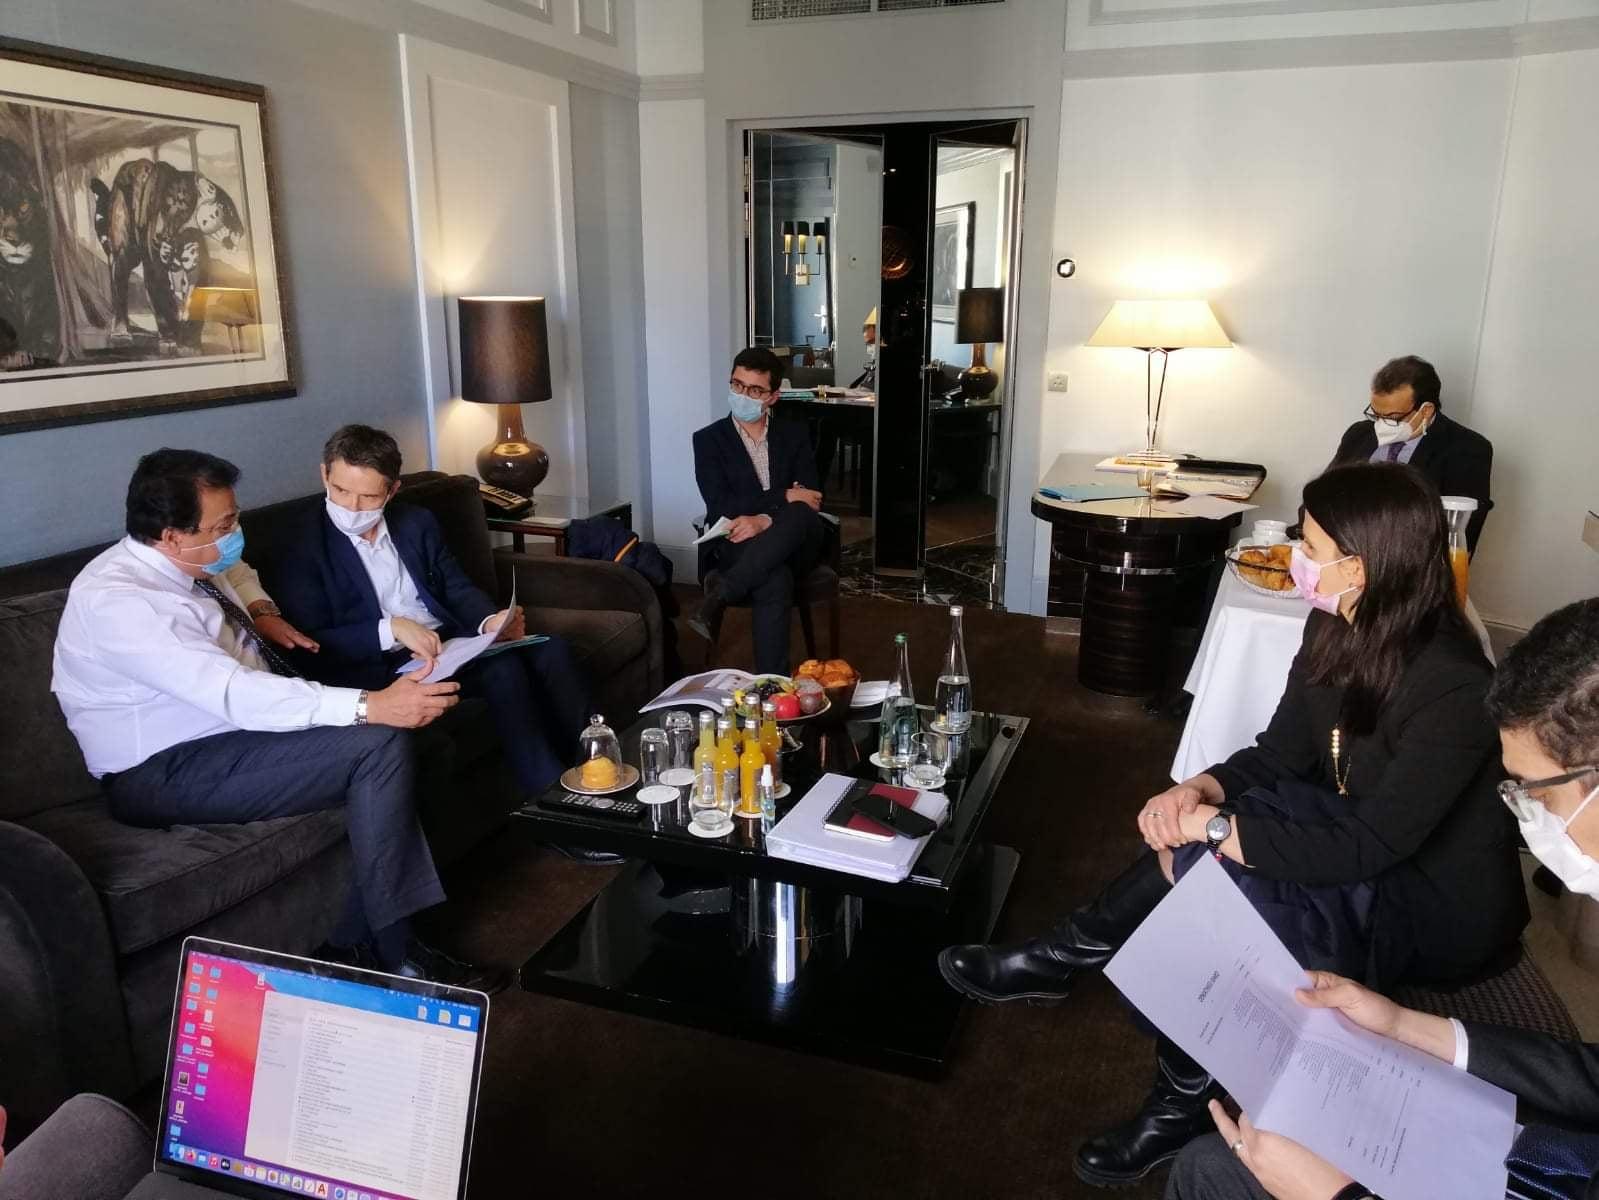 """وزير التعليم العالى يناقش خطوات تنفيذ """"بيت مصر"""" بالمدينة الدولية الجامعية فى باريس"""